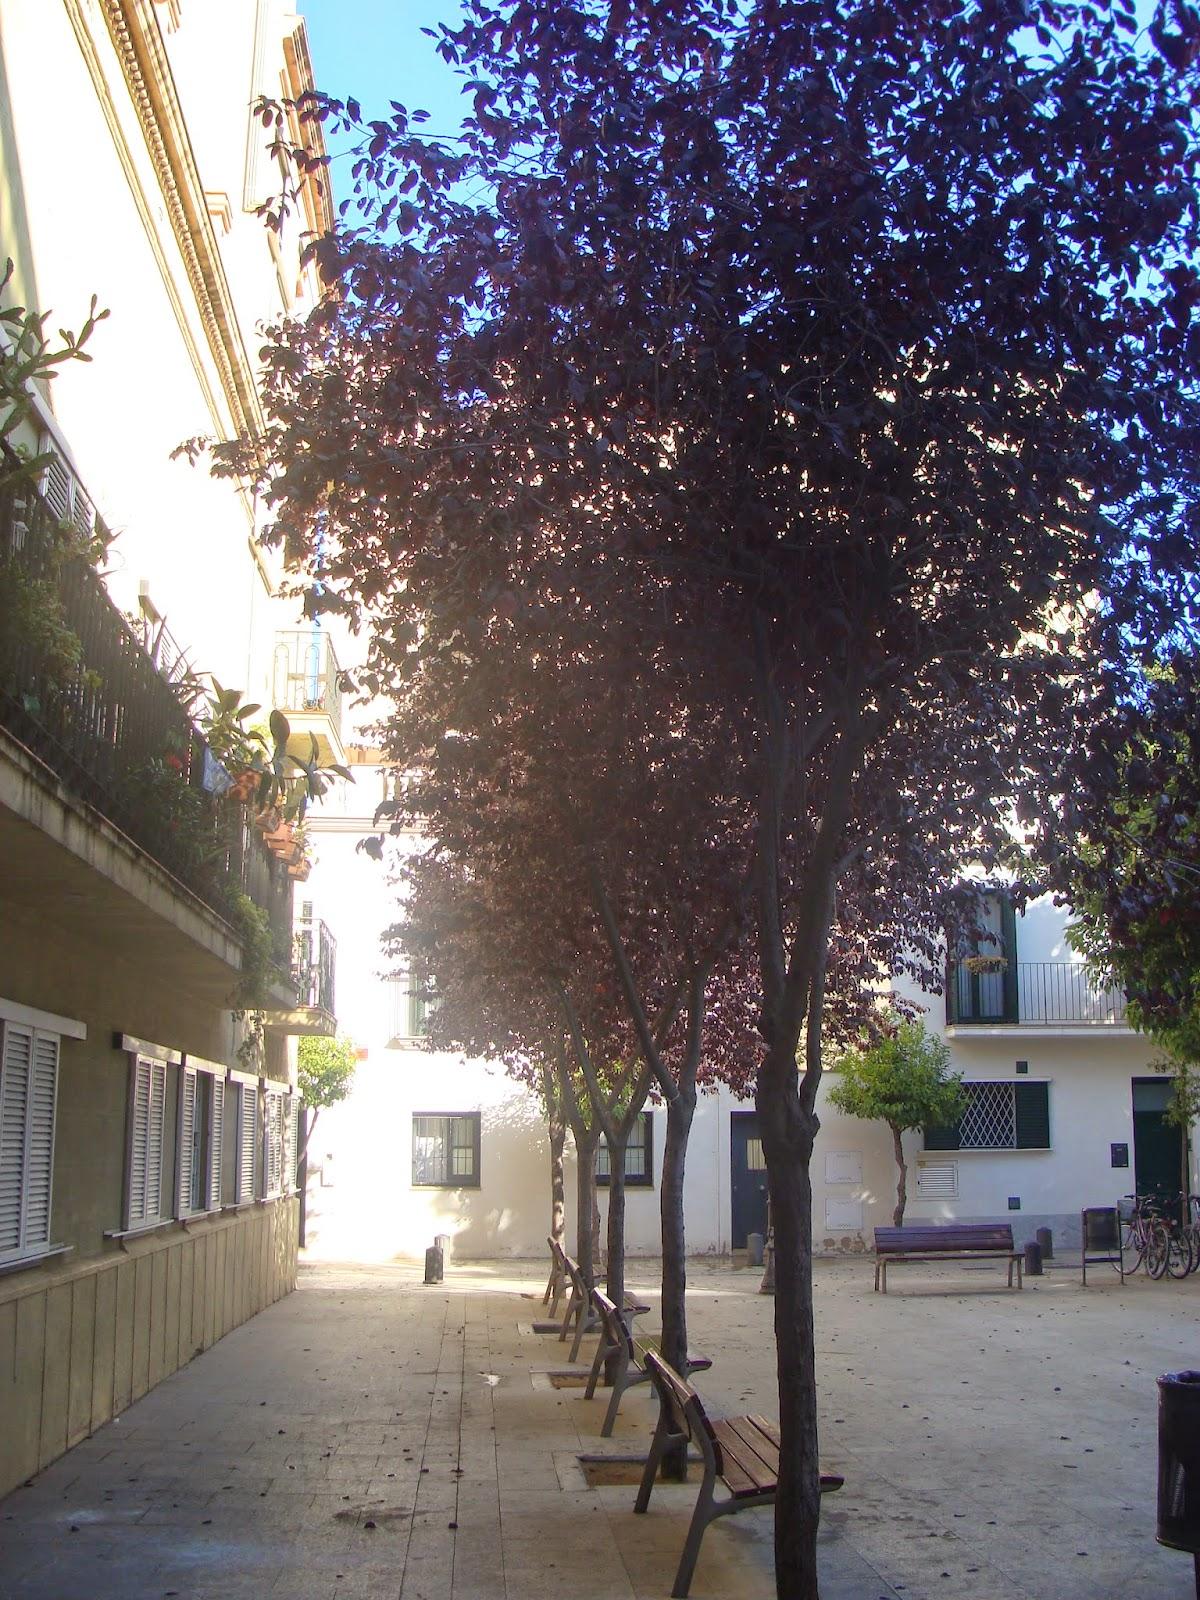 El rincon de un jardin rincones con encanto en barcelona pla a prim - Rincones de jardines con encanto ...